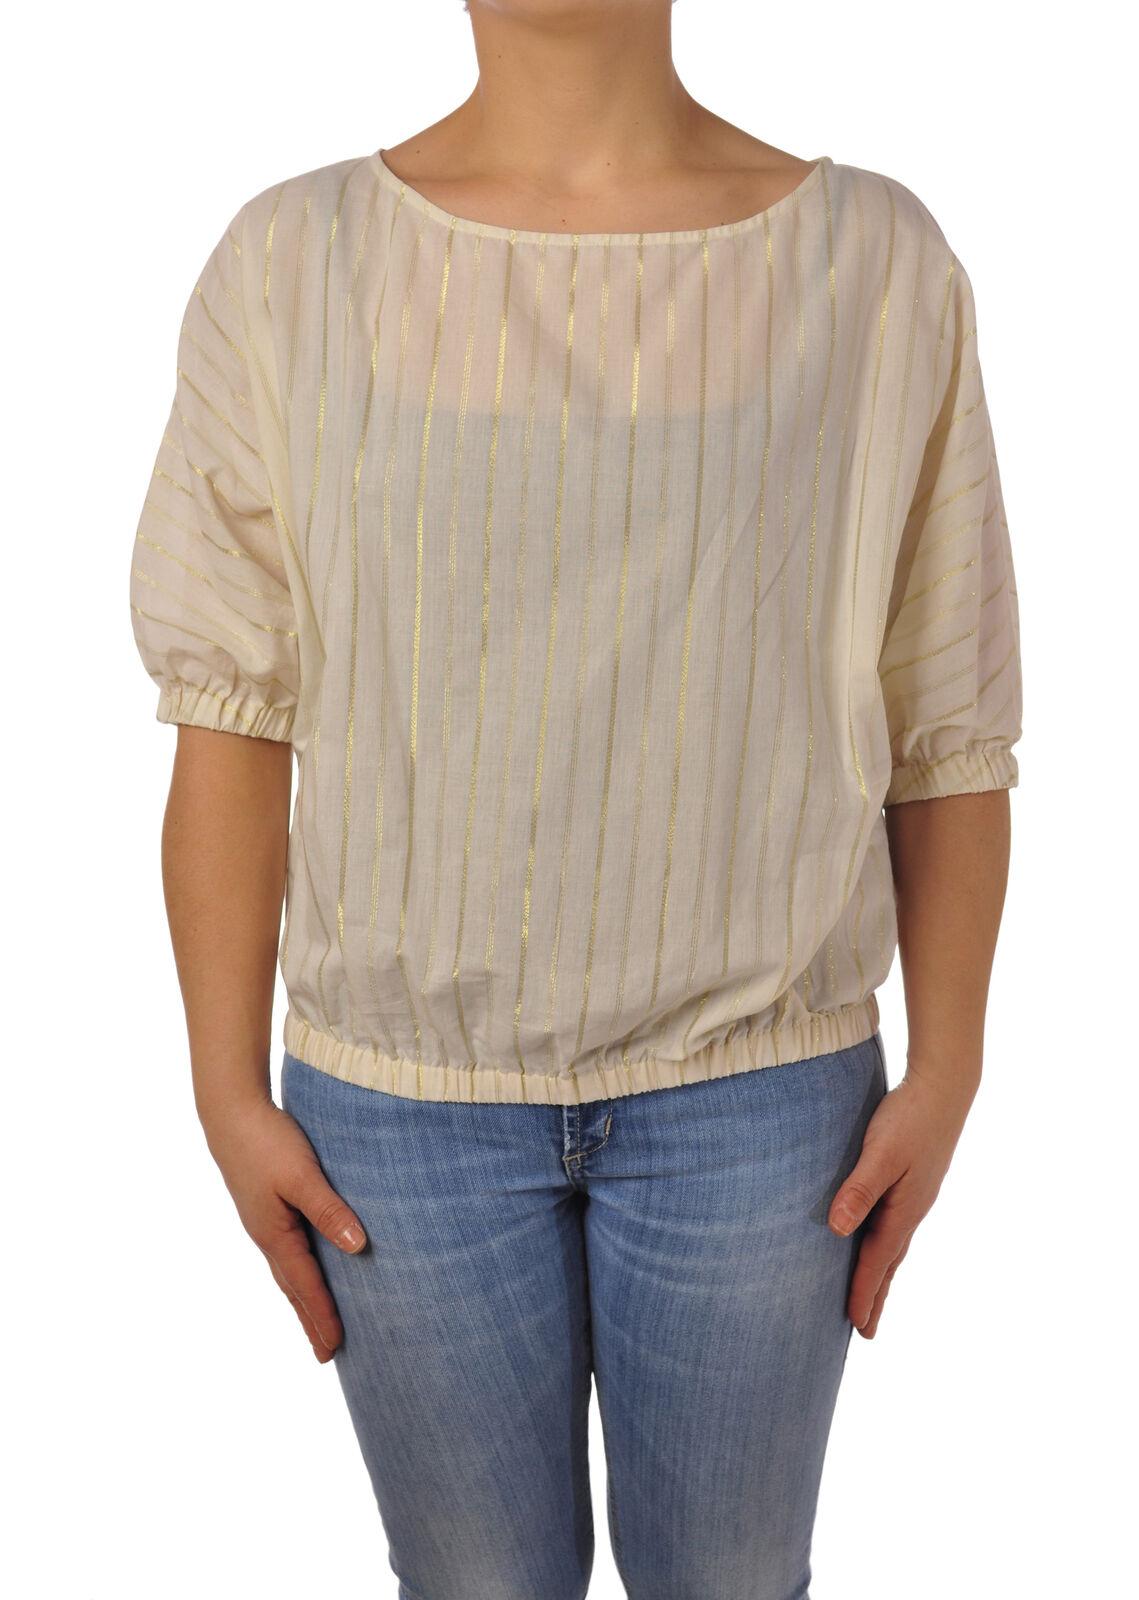 Twin Set - Shirts-Blouses - Woman - blanco - 5095524D184212   80% de descuento